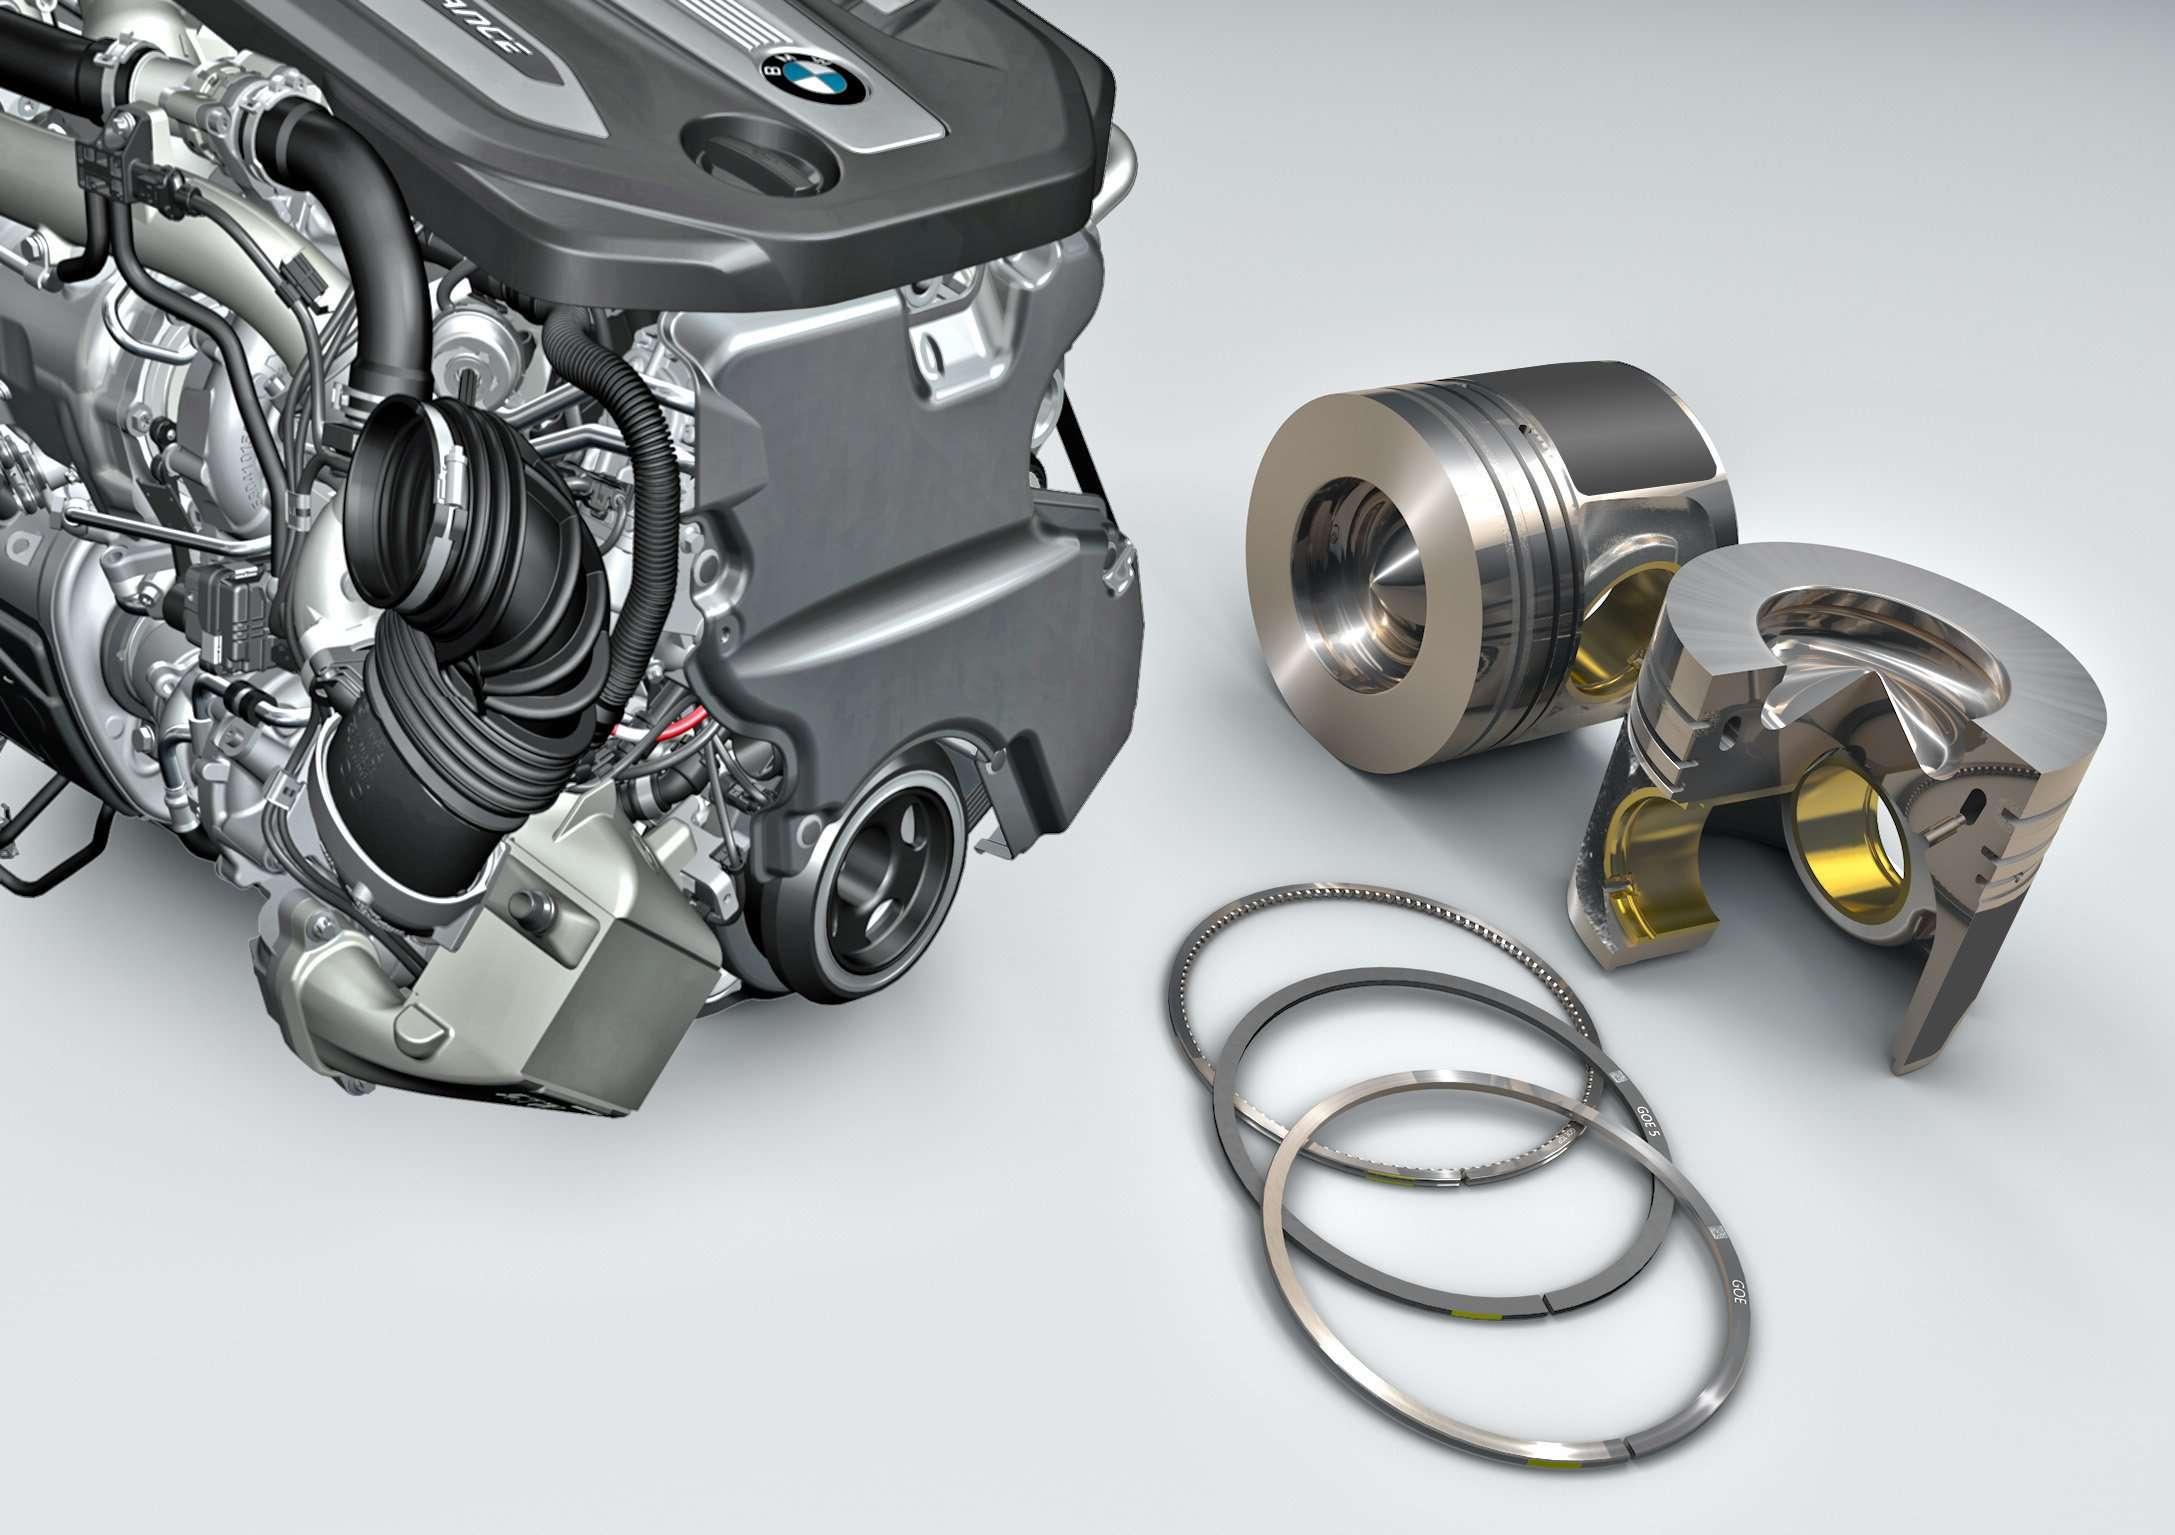 F-M Powertrain - Fornitura Nuovo Motore Diesel 6 cilindri